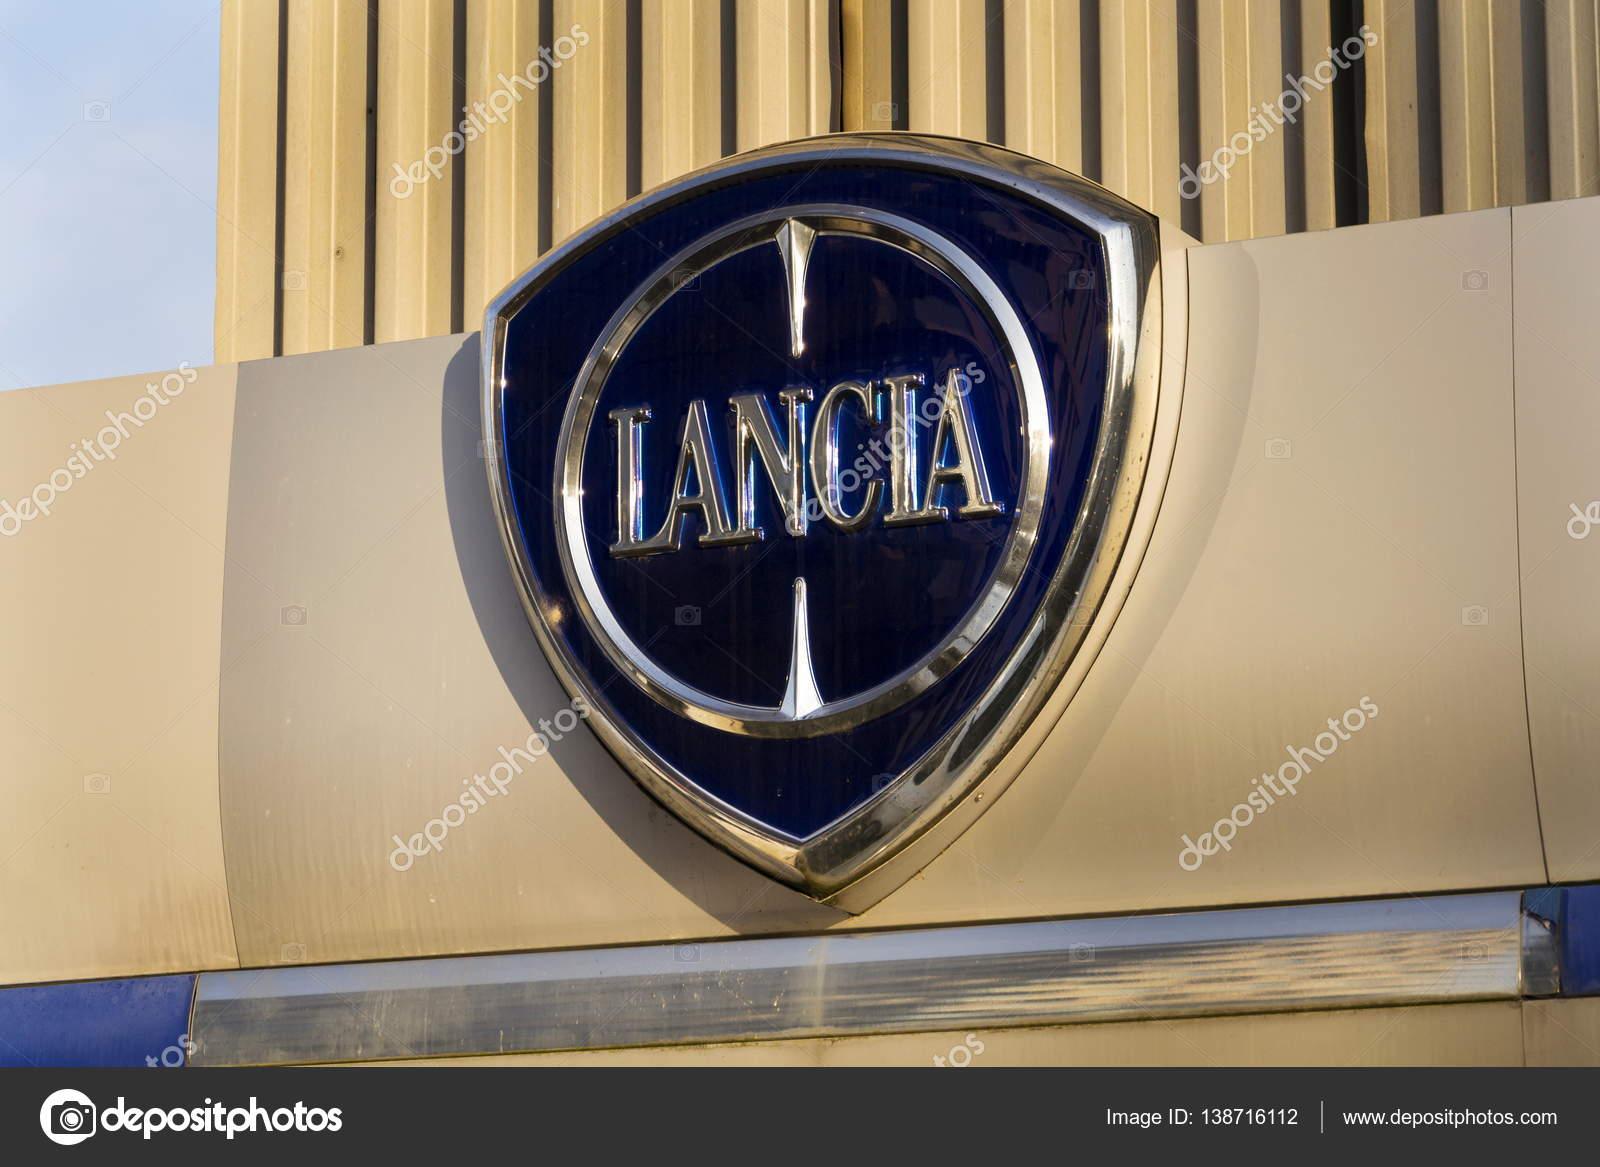 Lancia Auto Logo Op Dealer Voortbouwend Op 20 Januari 2017 In Praag